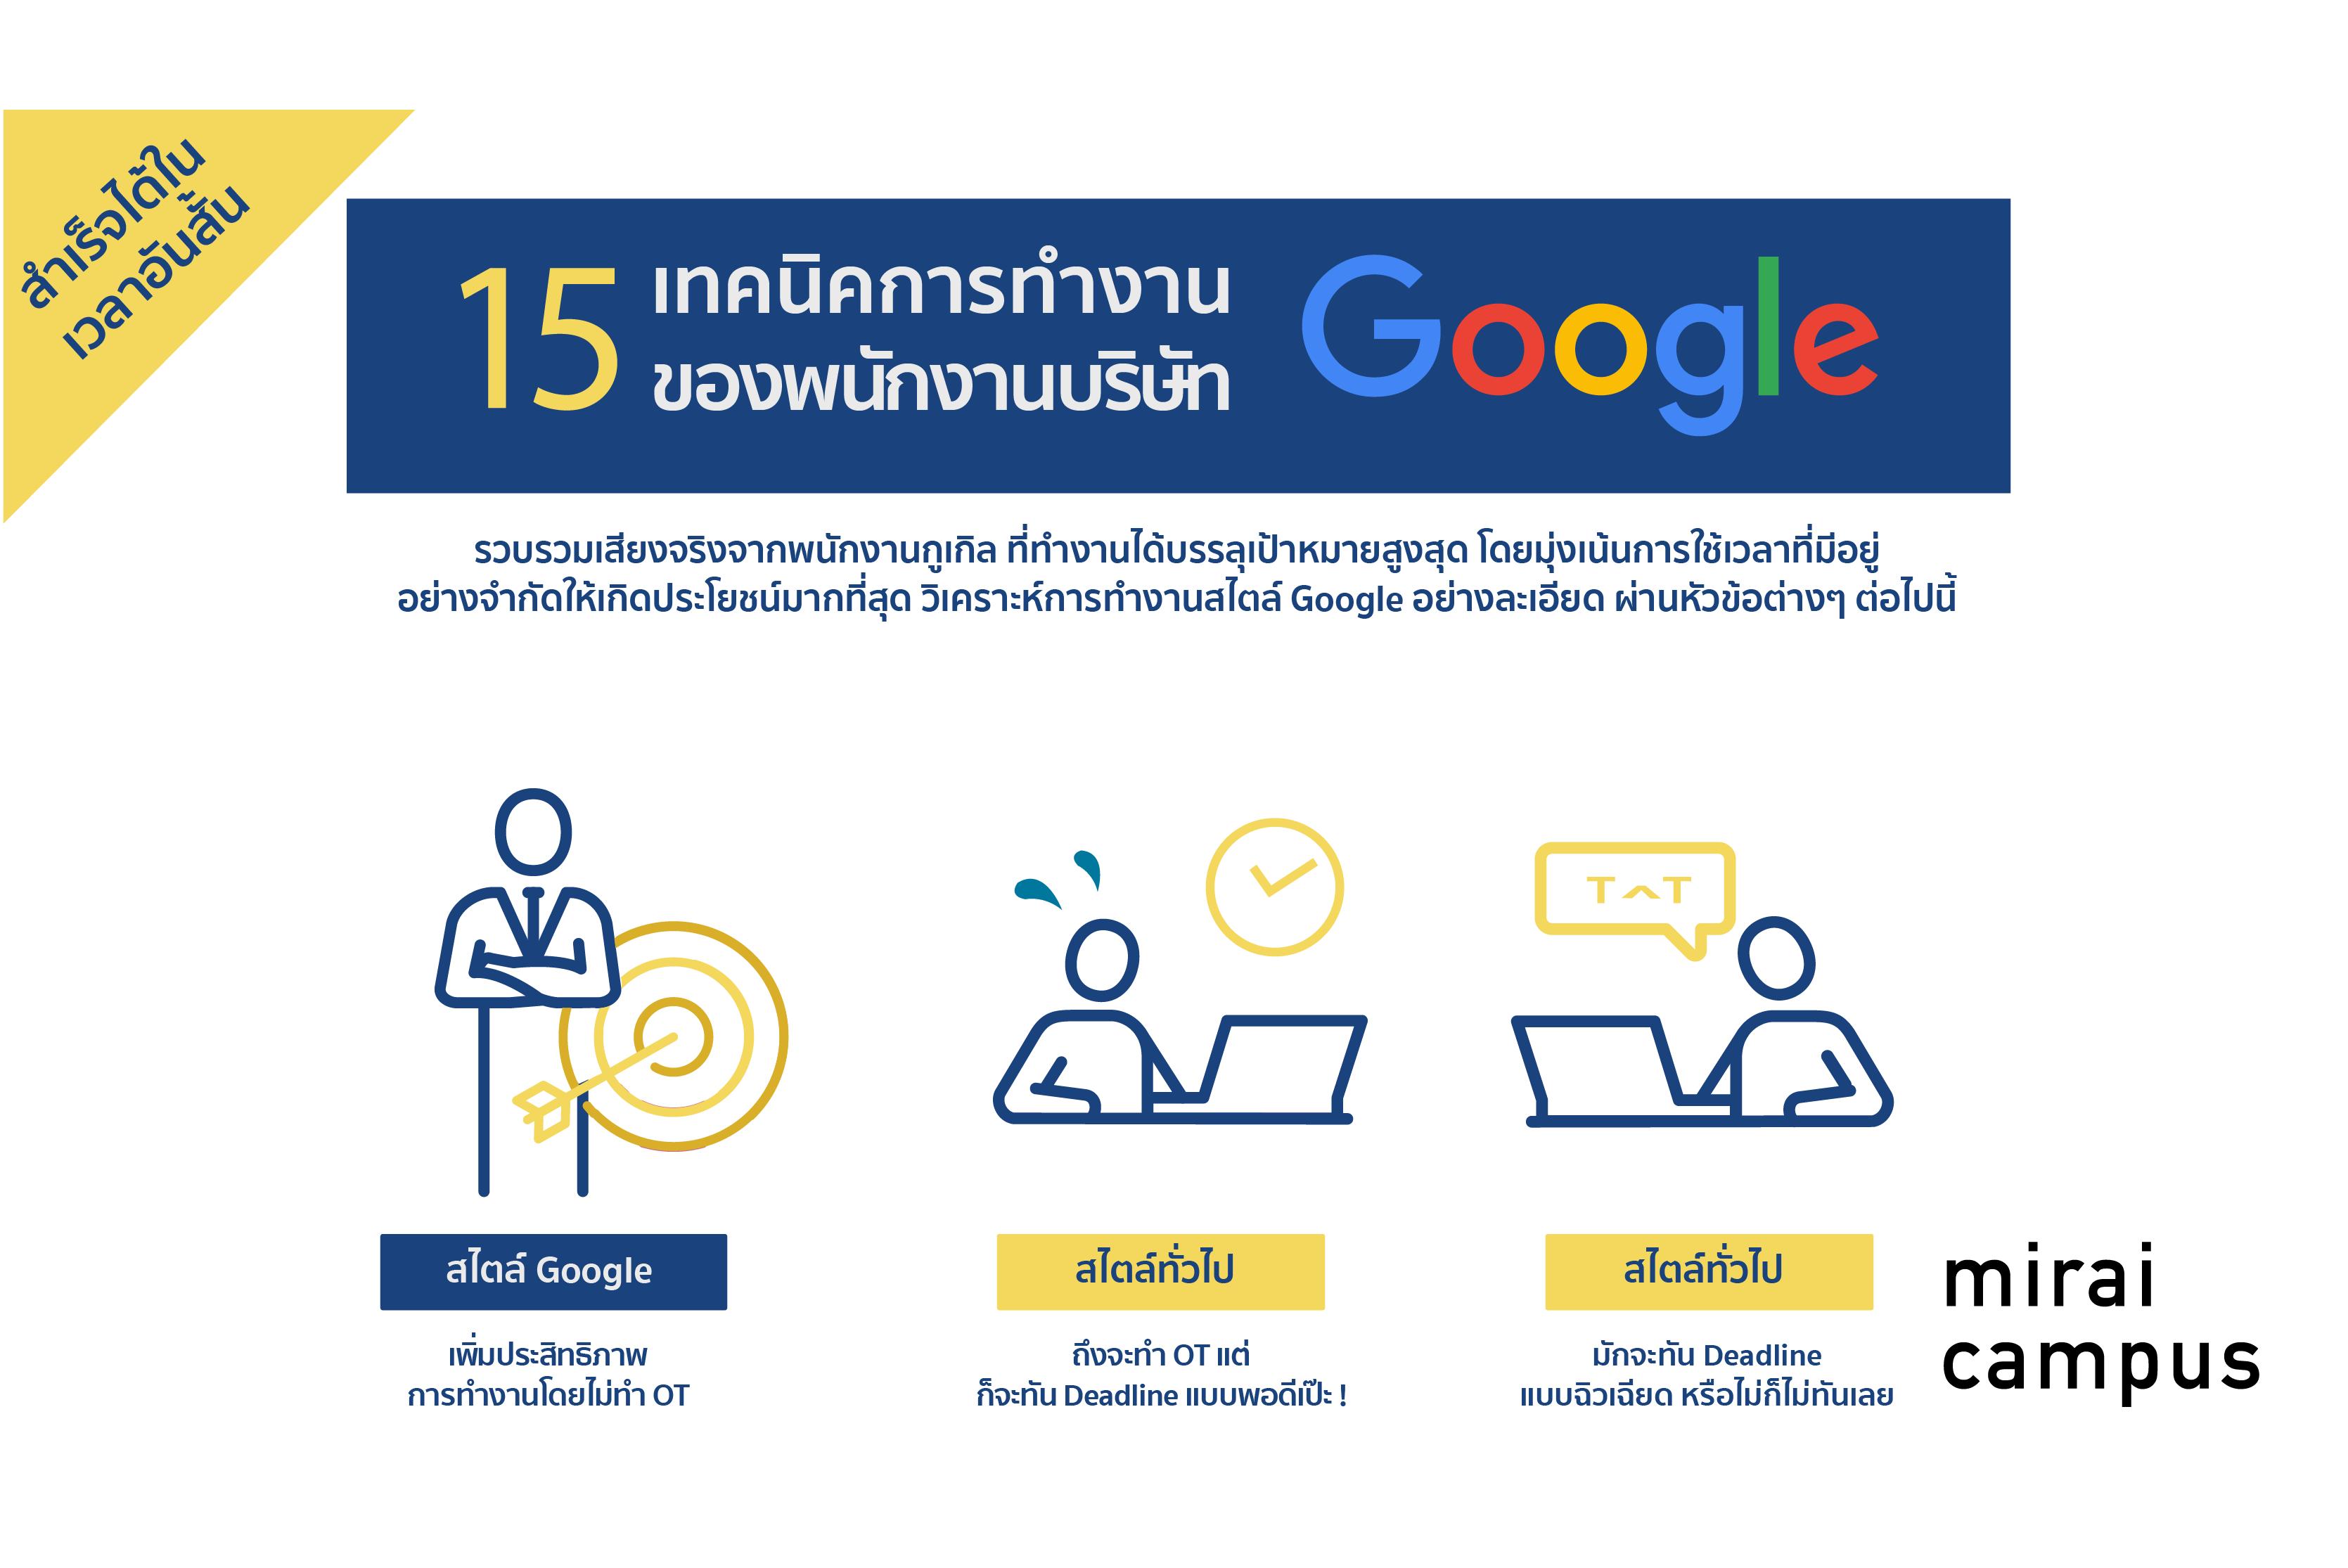 15 เทคนิคการทำงานของพนักงานบริษัท Google | มุ่งเน้นการจัดสรรเวลาที่มีอยู่ให้มีค่าที่สุดのメイン画像